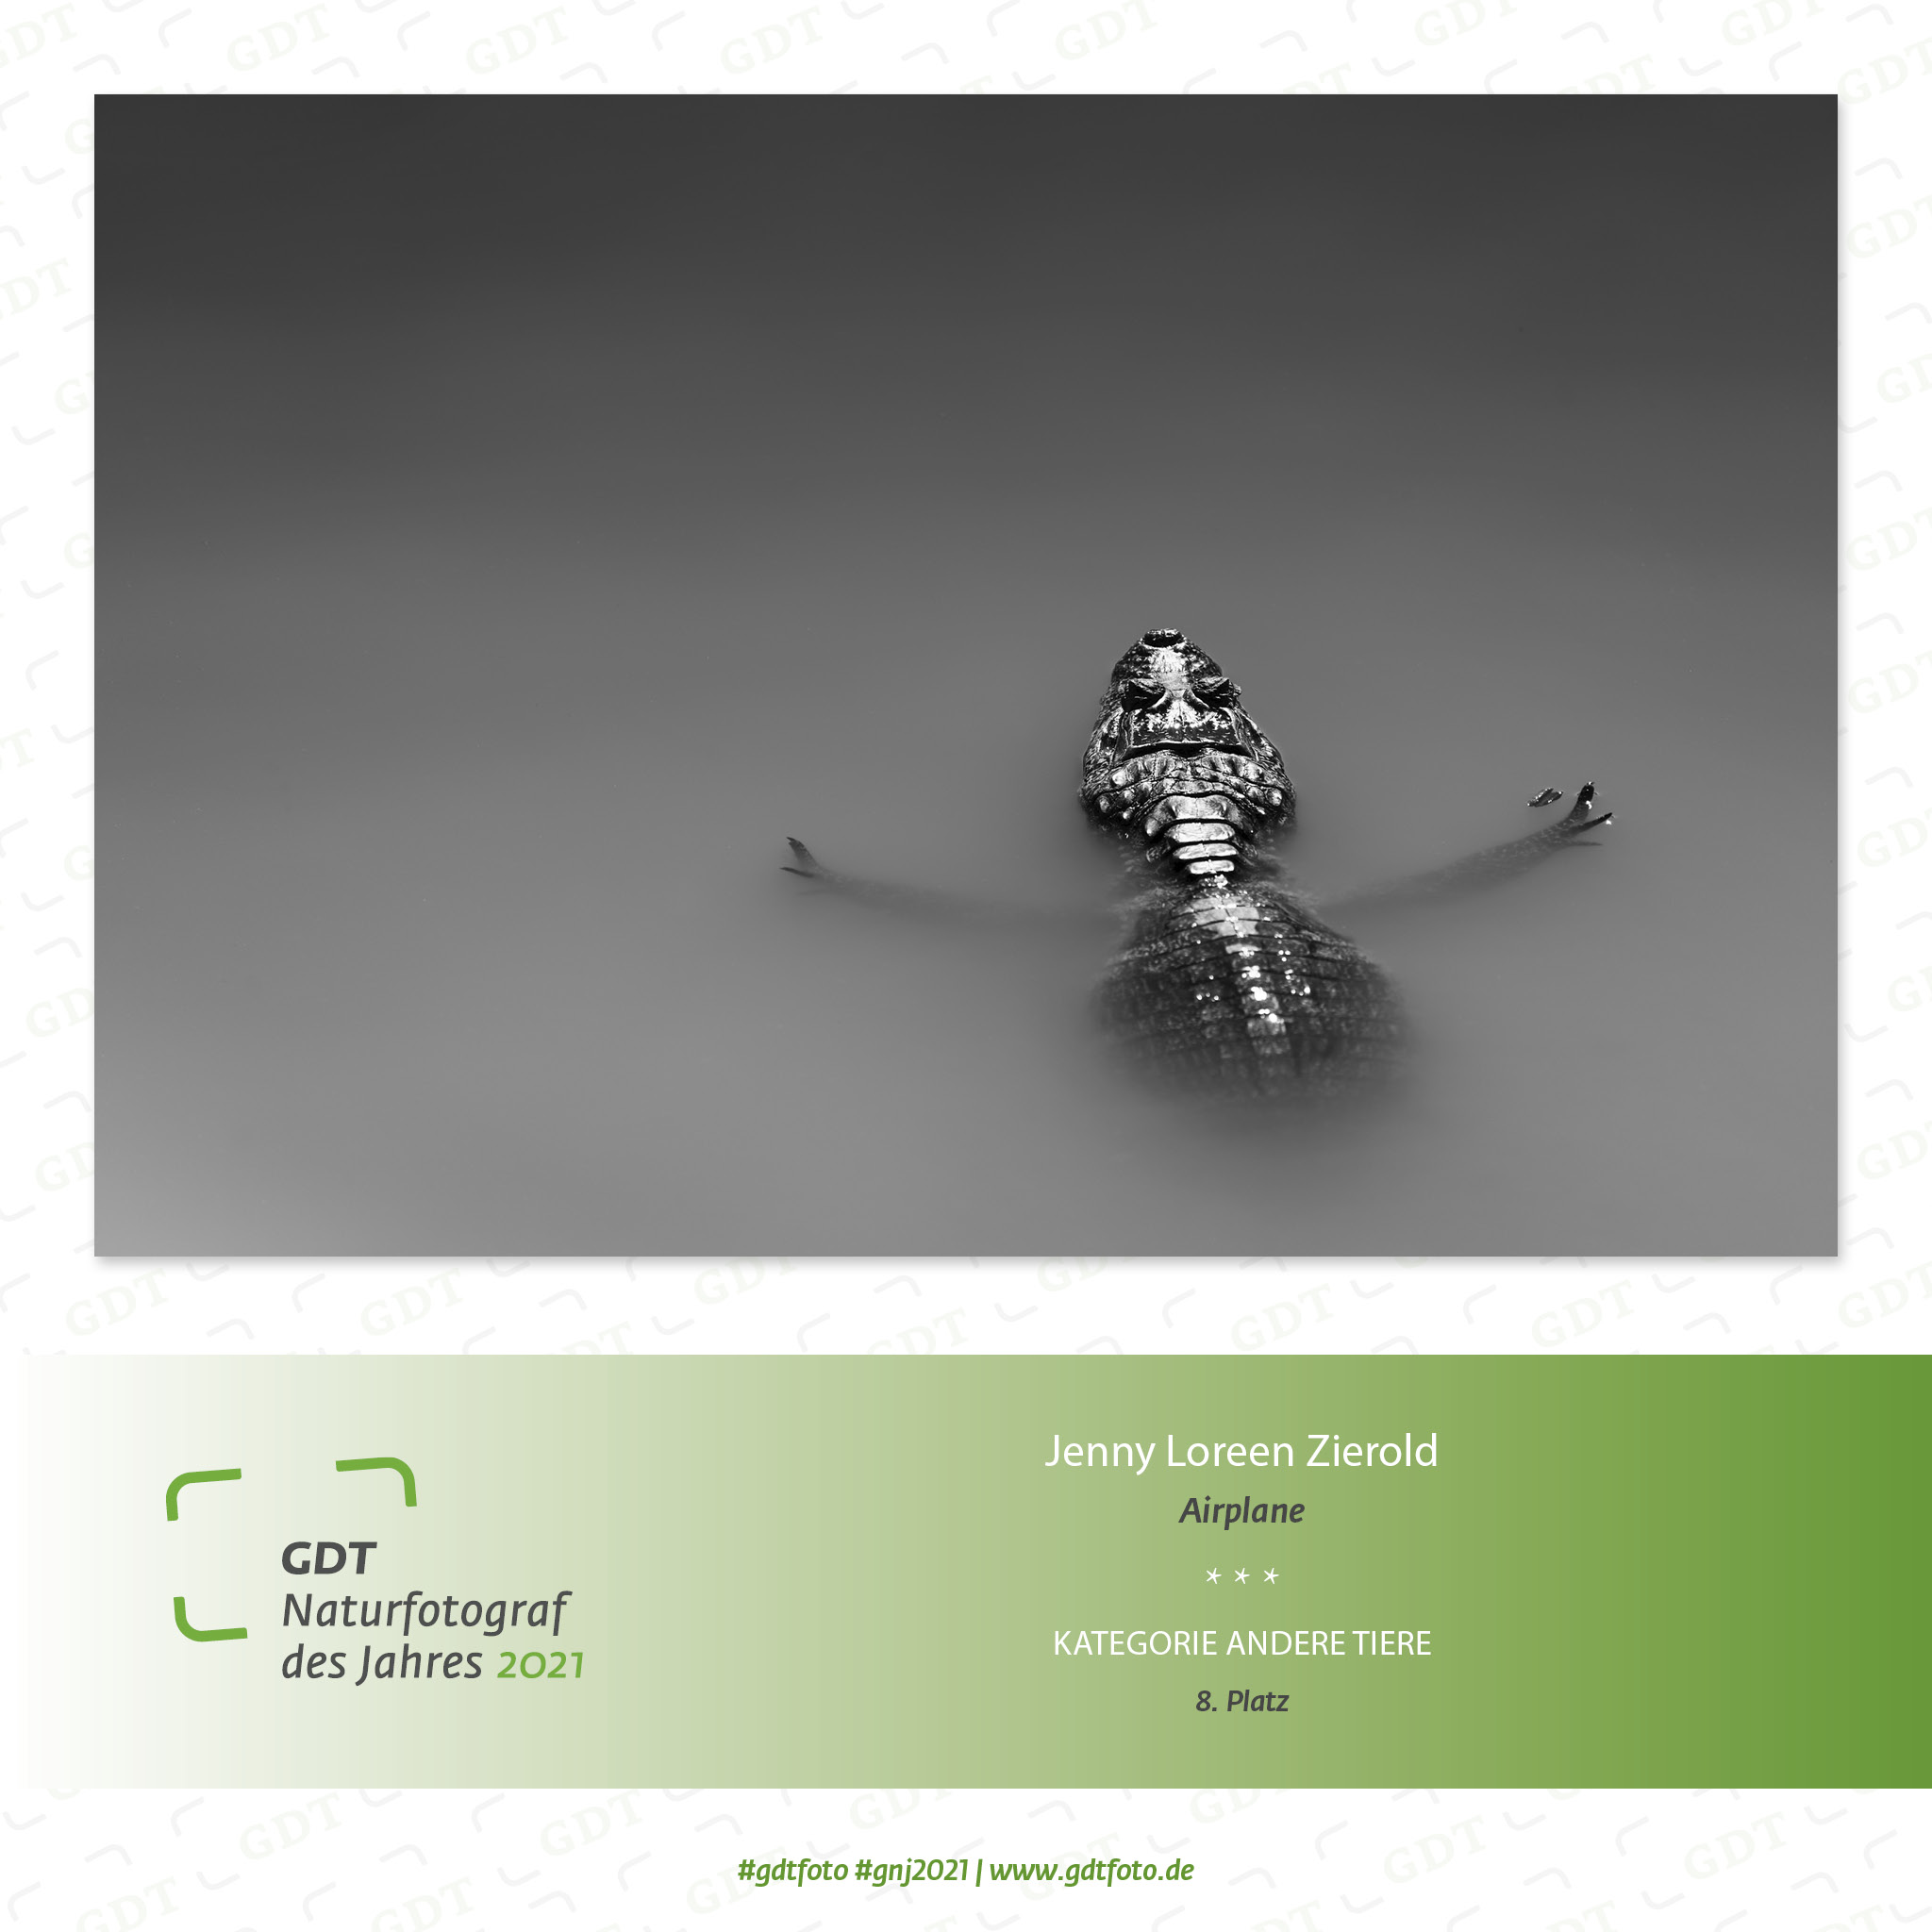 jelozi-fotografie-gdt-erfolg-krokodil-schwarz-weiß-Quadrat